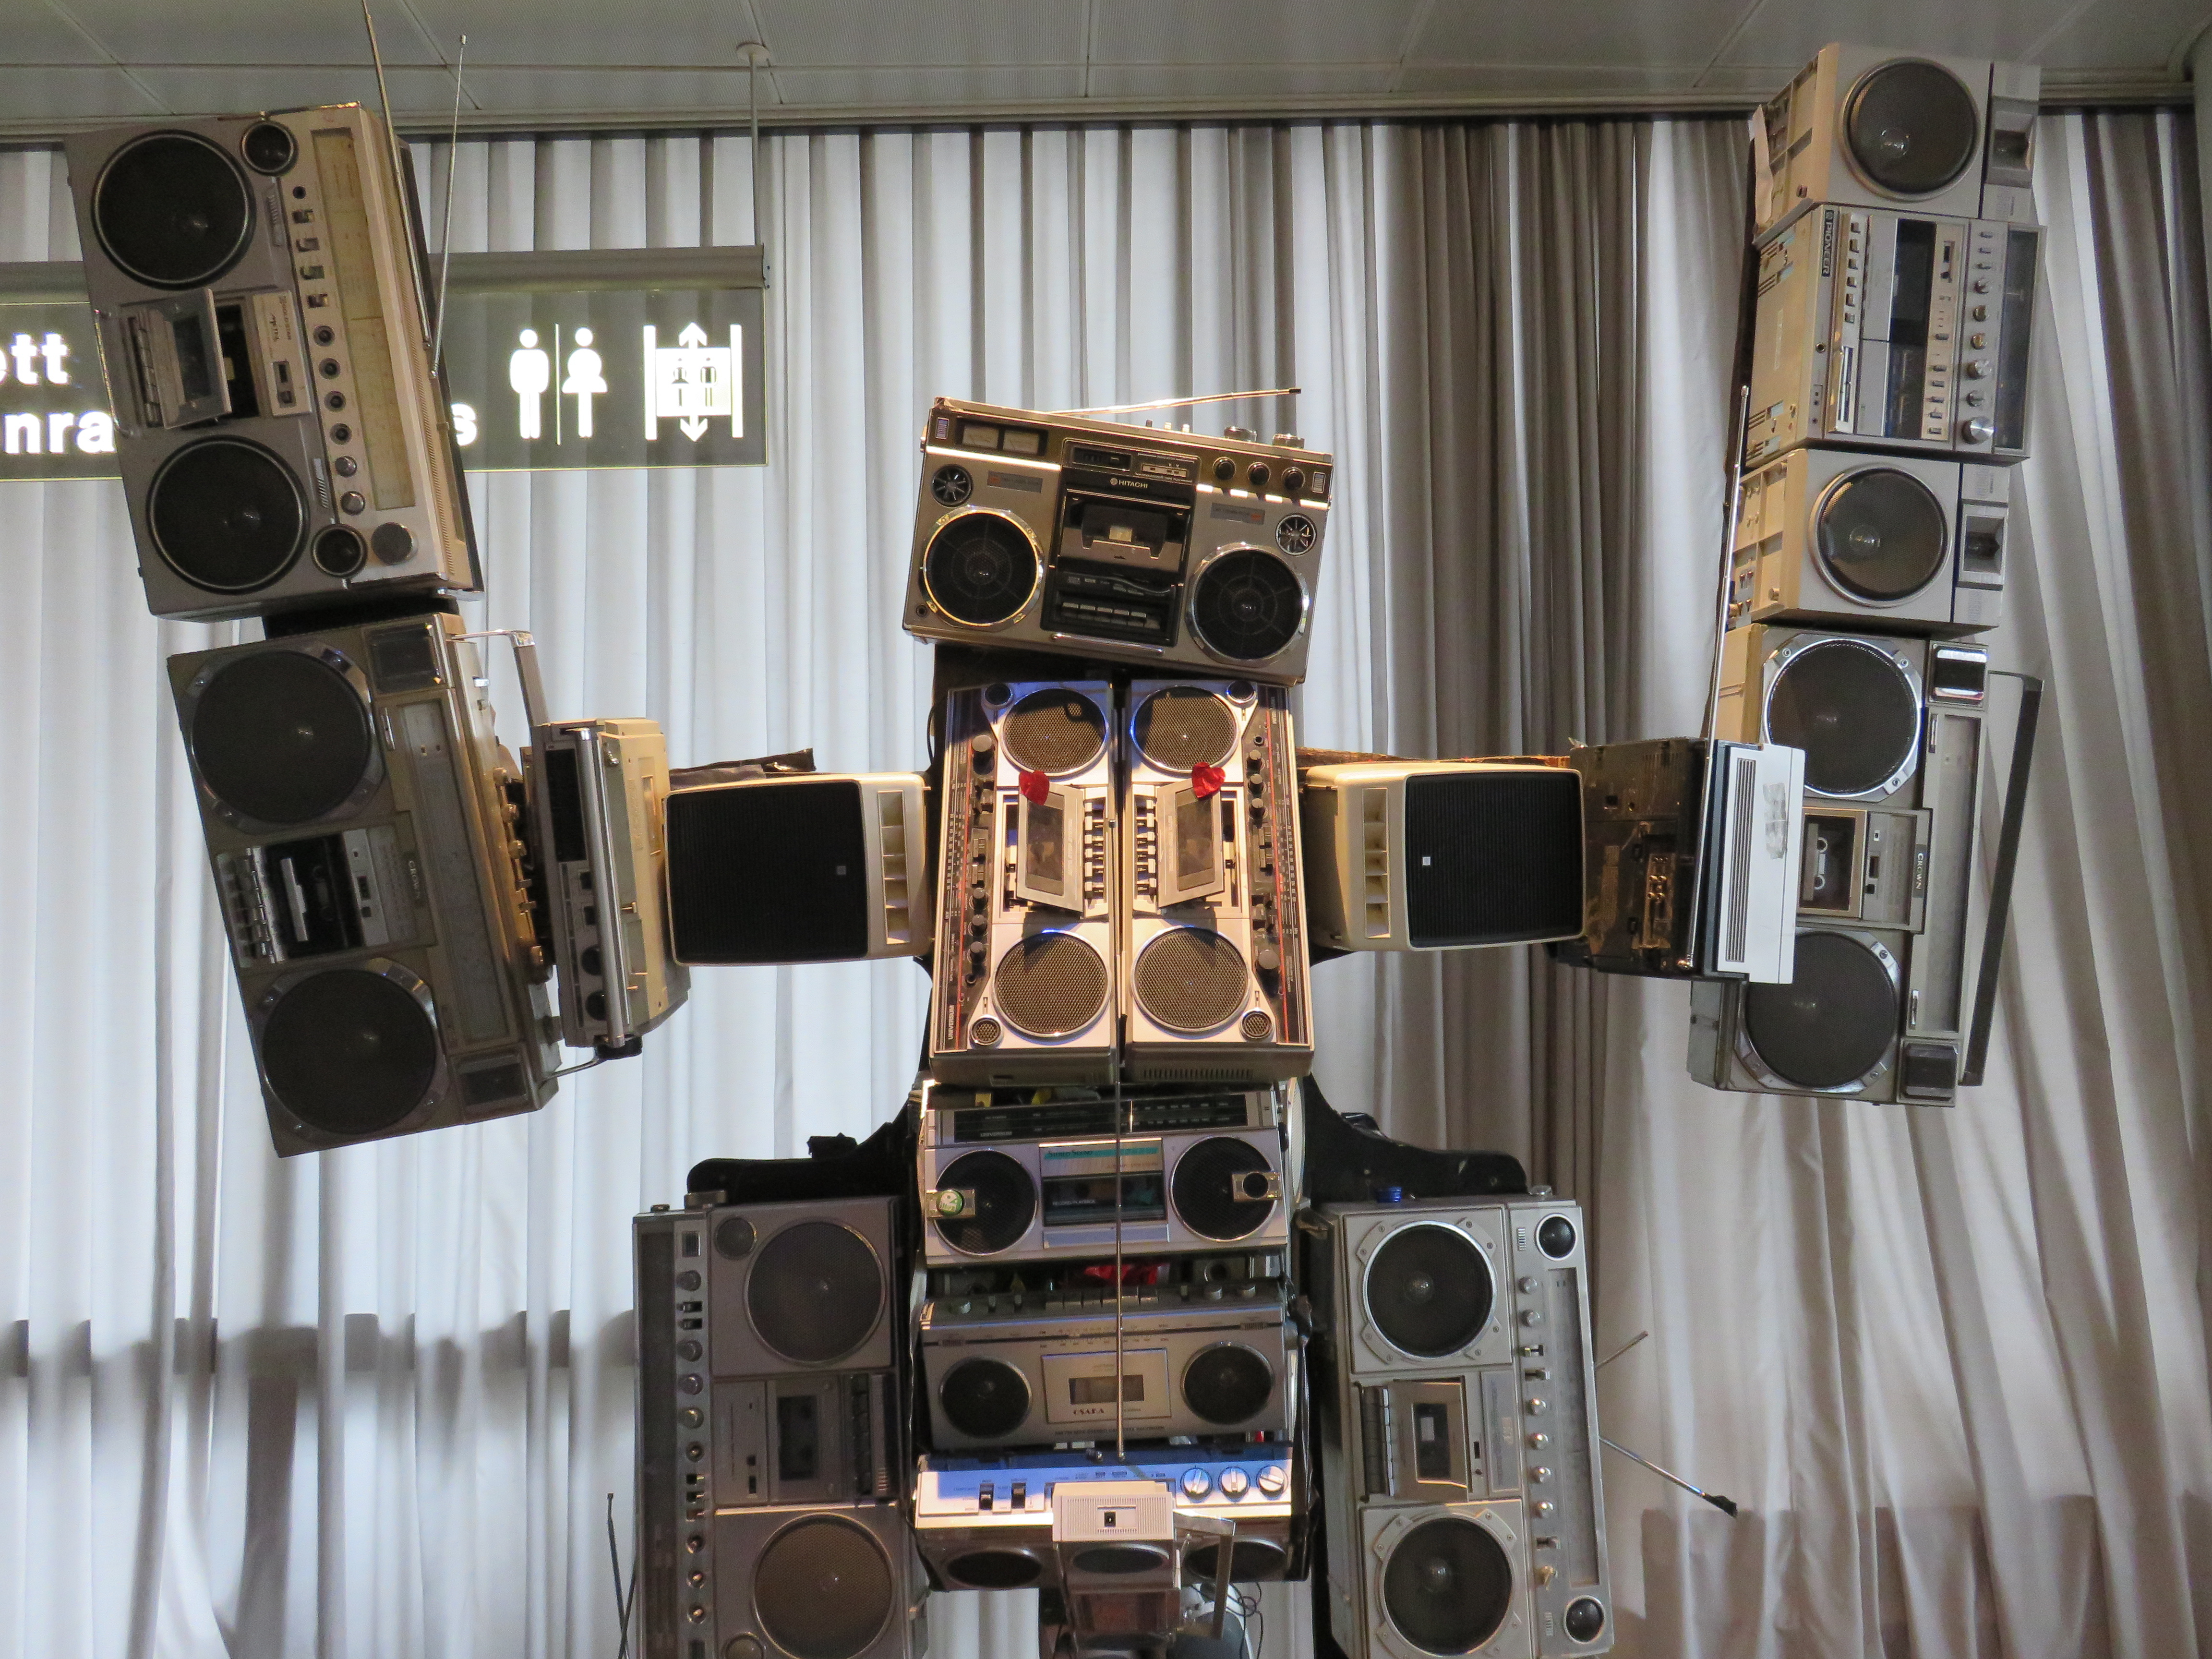 Roboter und Musik, das passt ganz gut